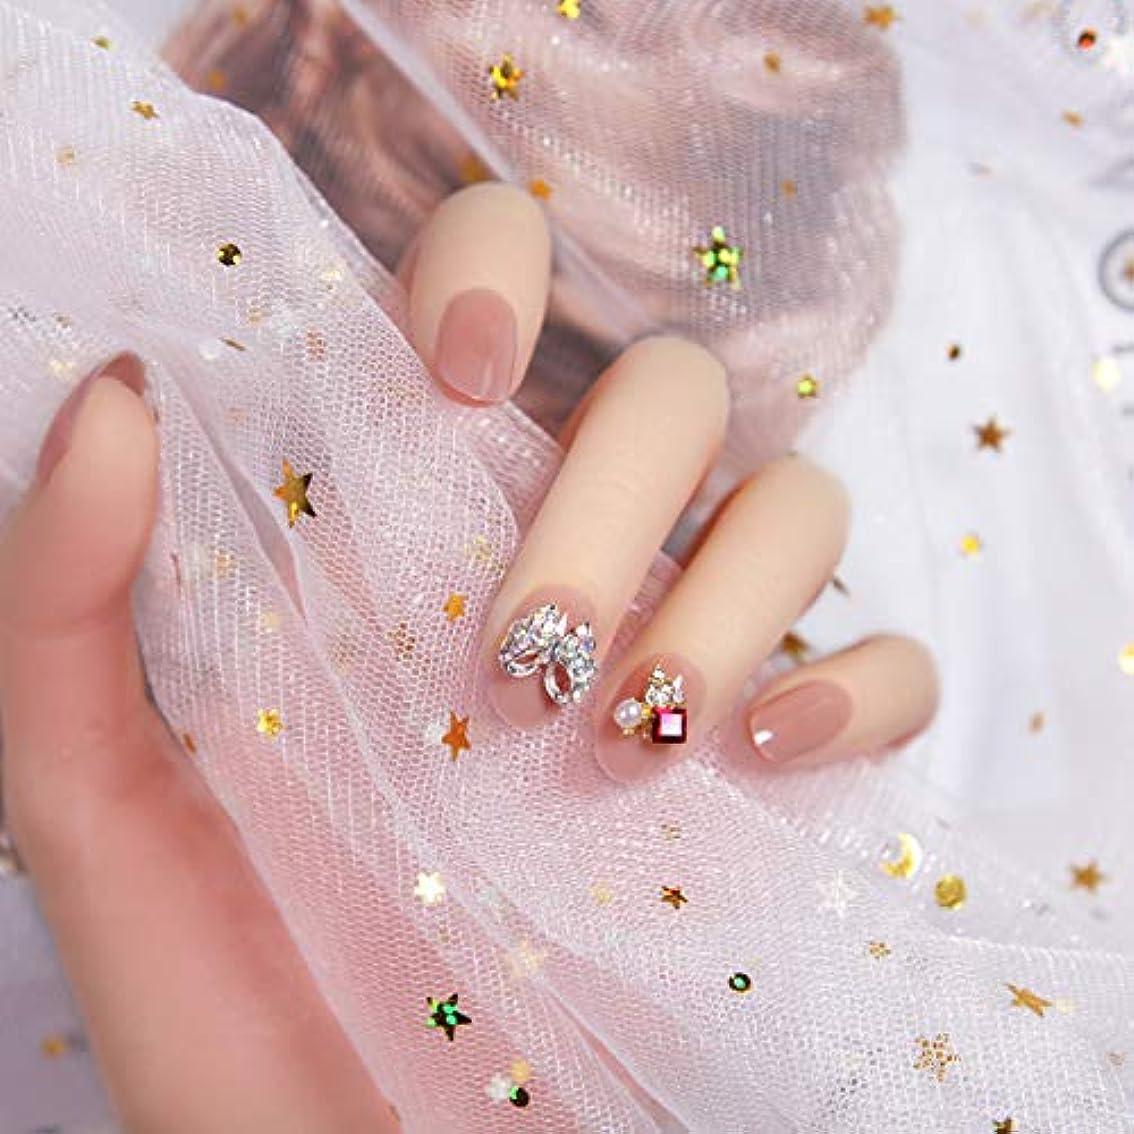 適度なペンフレンド無駄なピンク 3D ネイルチップ 人造ダイヤモンド 24枚入 原宿 和風 夢幻 和装 手作りネイルチップ 結婚式ネイルチップ